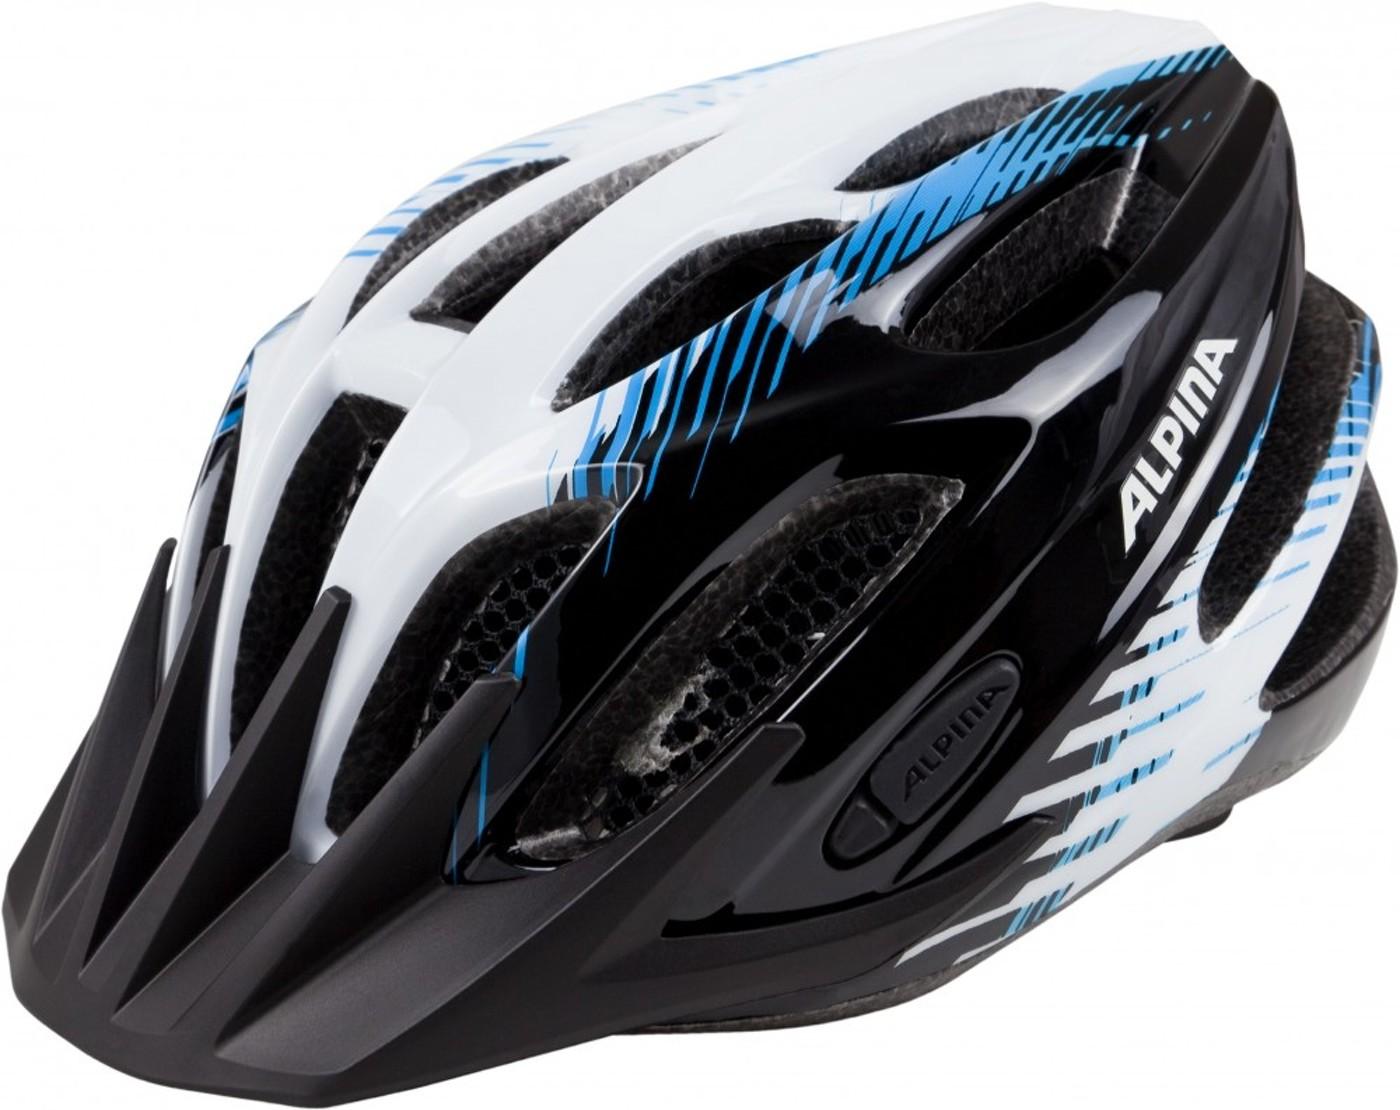 ALPINA Bikehelm TOUR 2.0